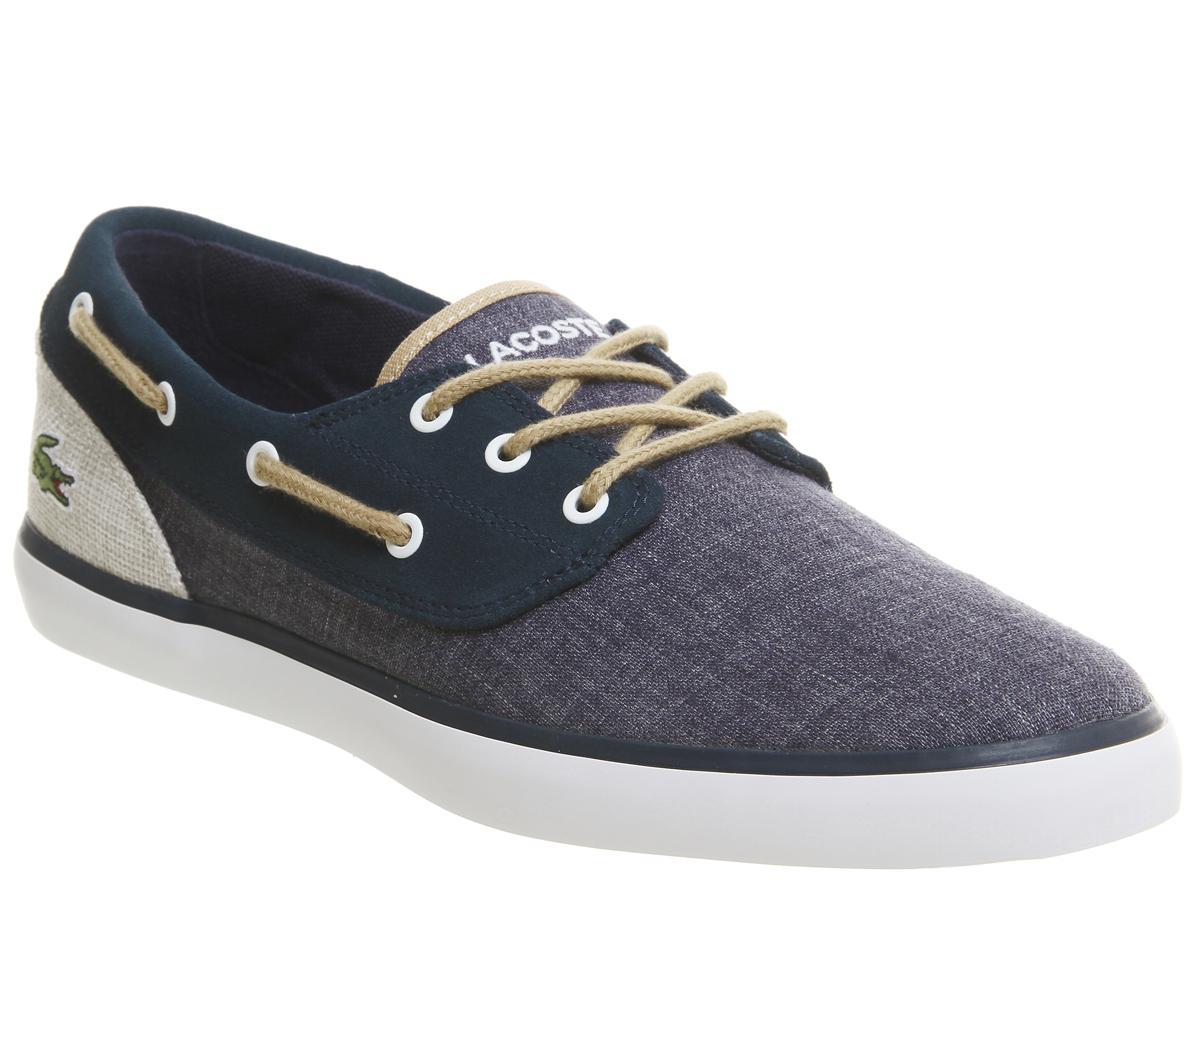 Jouer Deck Sneakers